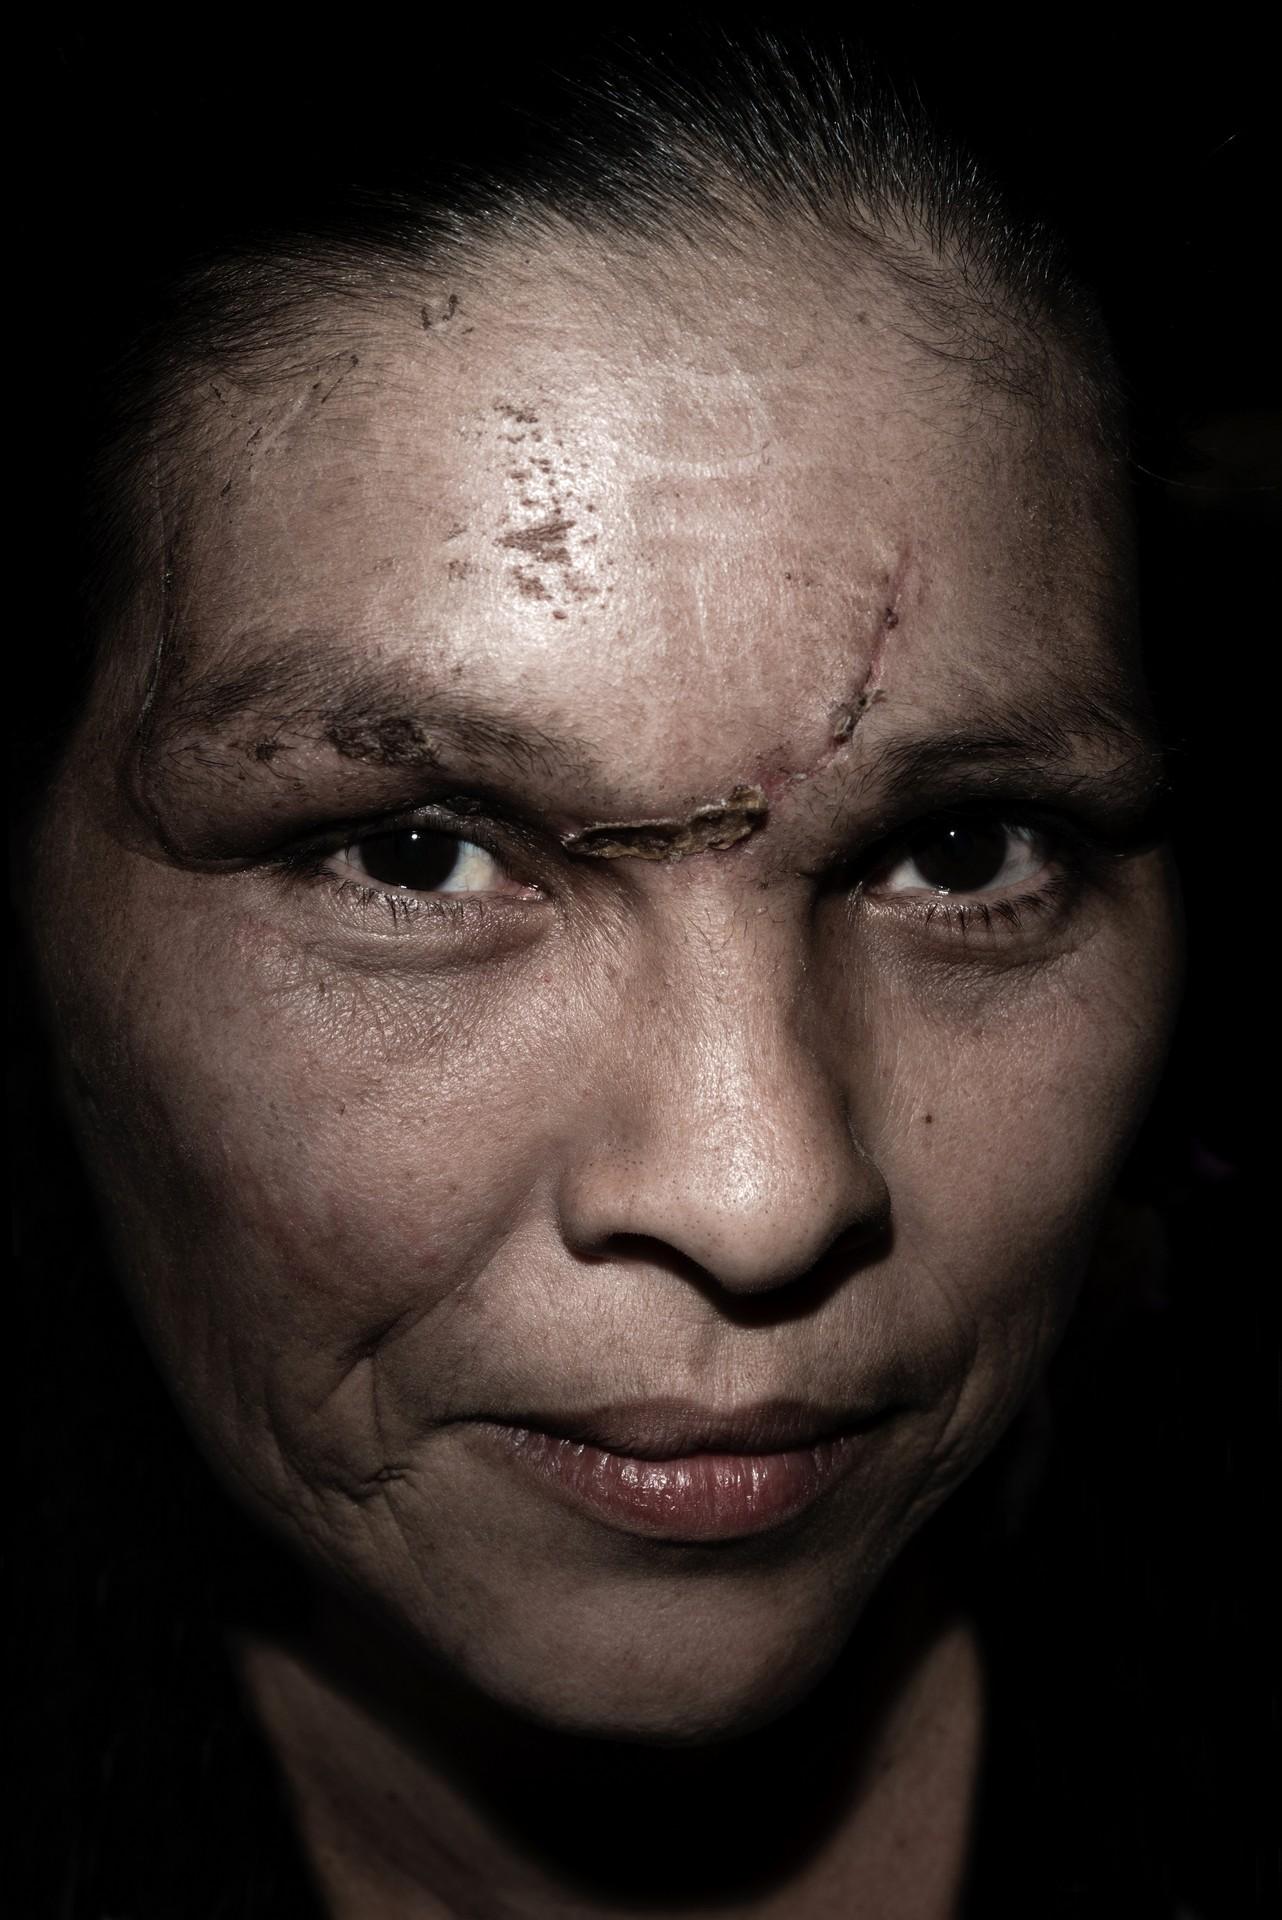 Fotó: Koleszár Adél: Santa Muerte híve, részlet Az erőszak sebei című sorozatból